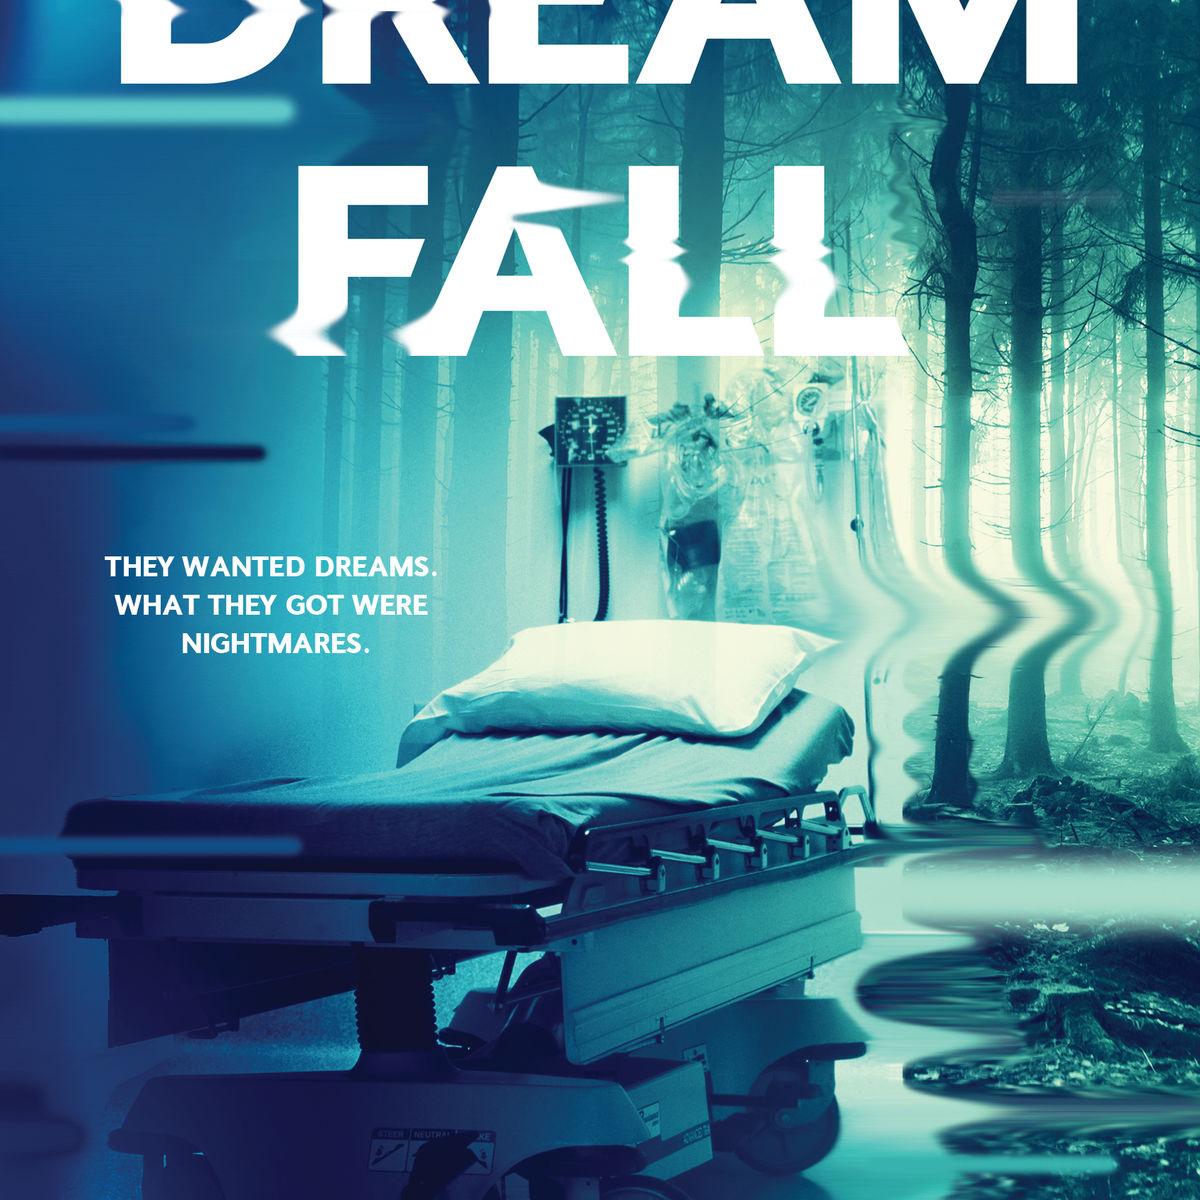 Dreamfall-hc_0.jpg